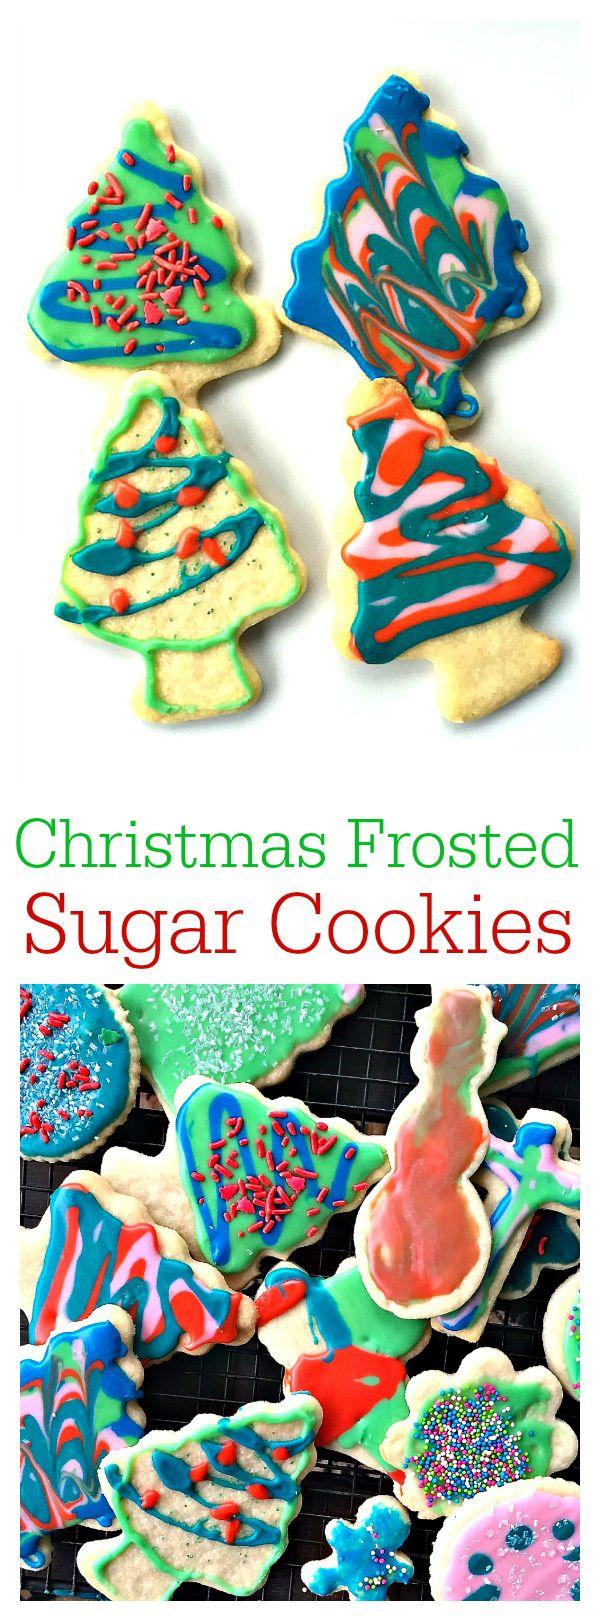 about Christmas may kill me on Pinterest | Christmas humor, Christmas ...